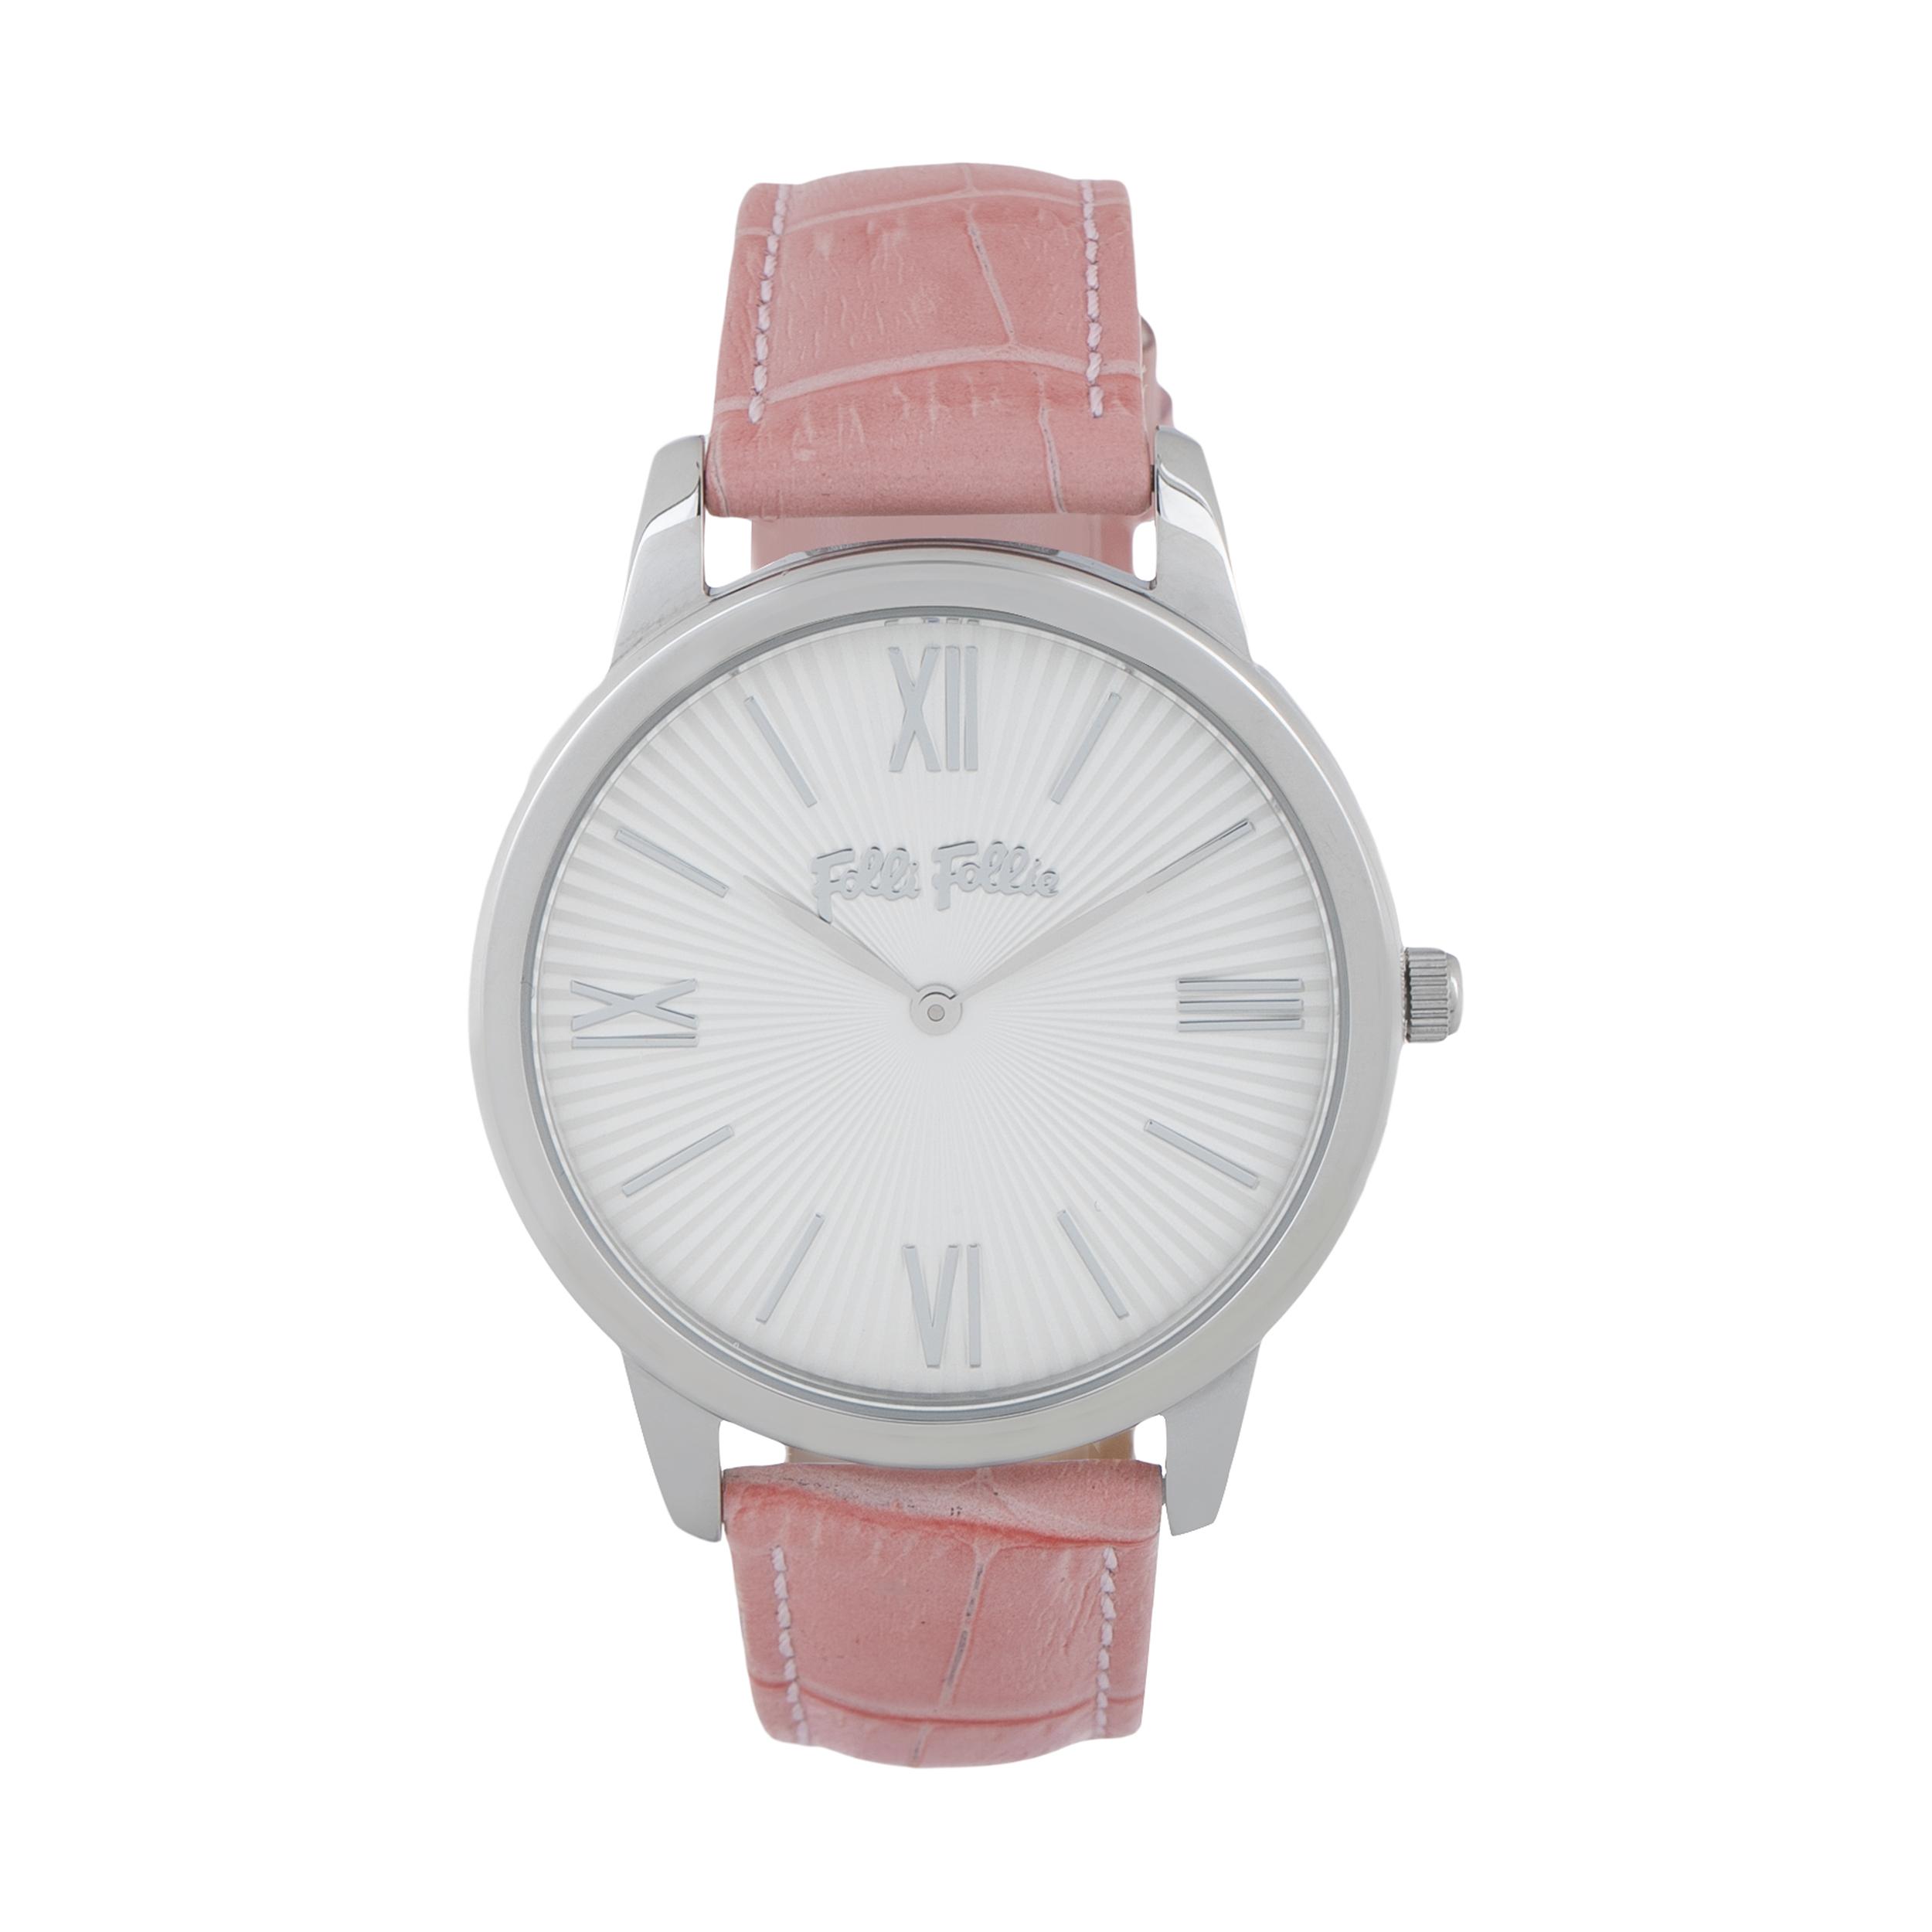 قیمت ساعت مچی عقربه ای زنانه فولی فولیه مدل WF15T033SPW-PI (بدون جعبه اورجینال)              خرید (⭐️⭐️⭐️)